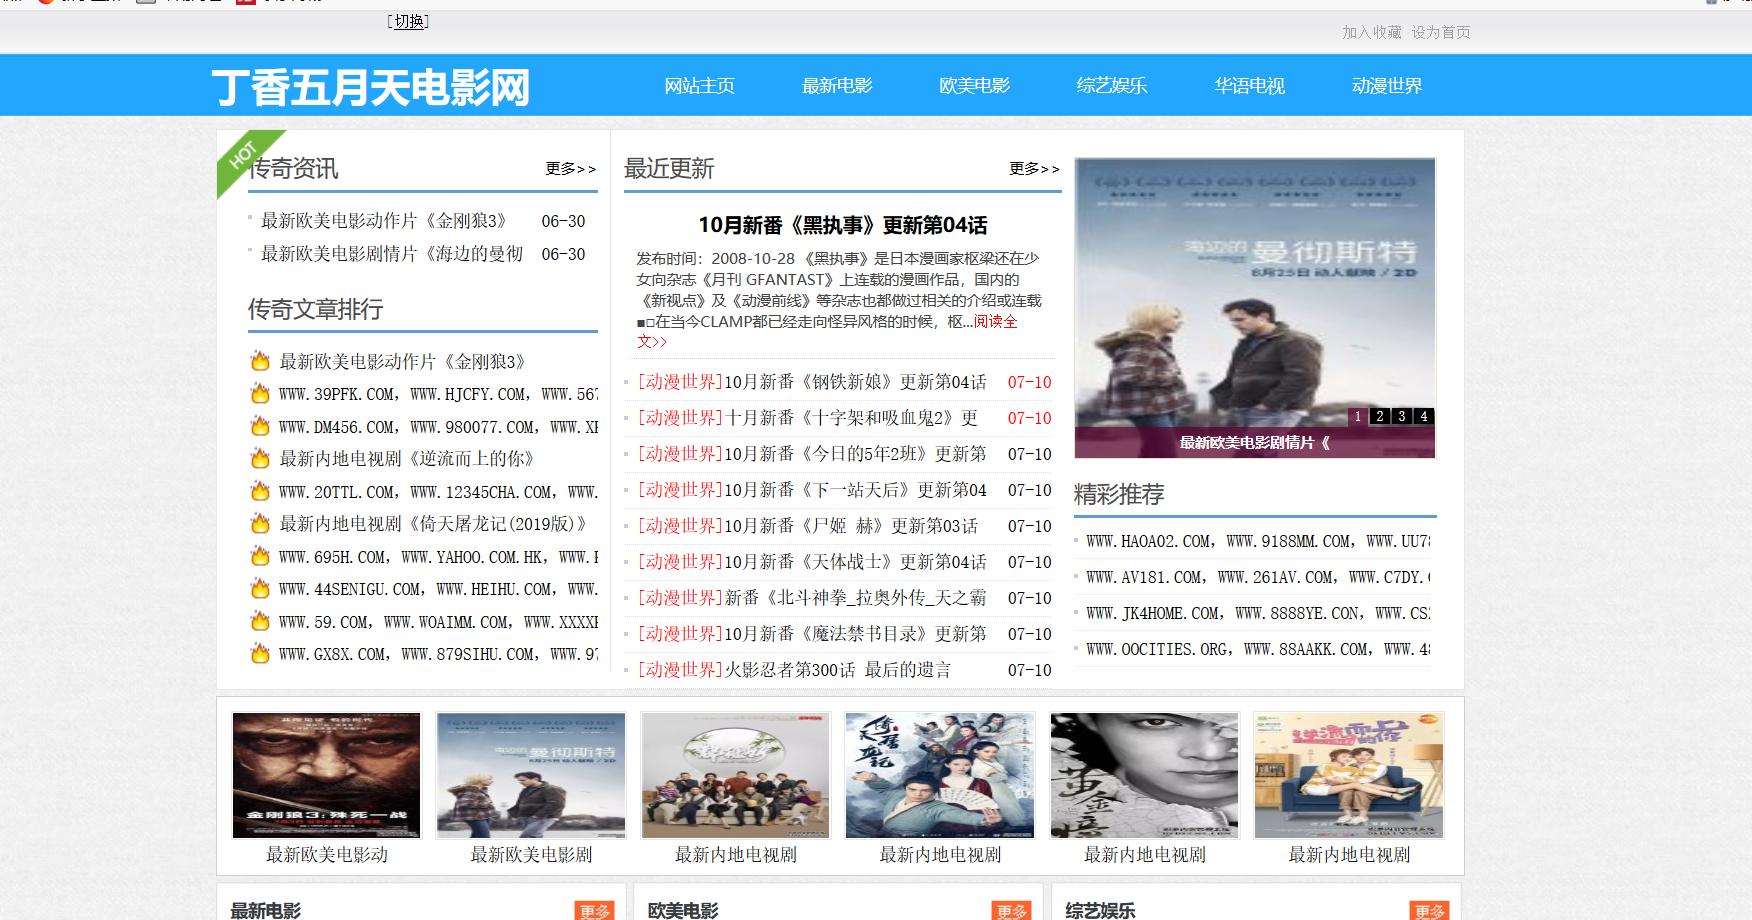 丁香五月天电影网